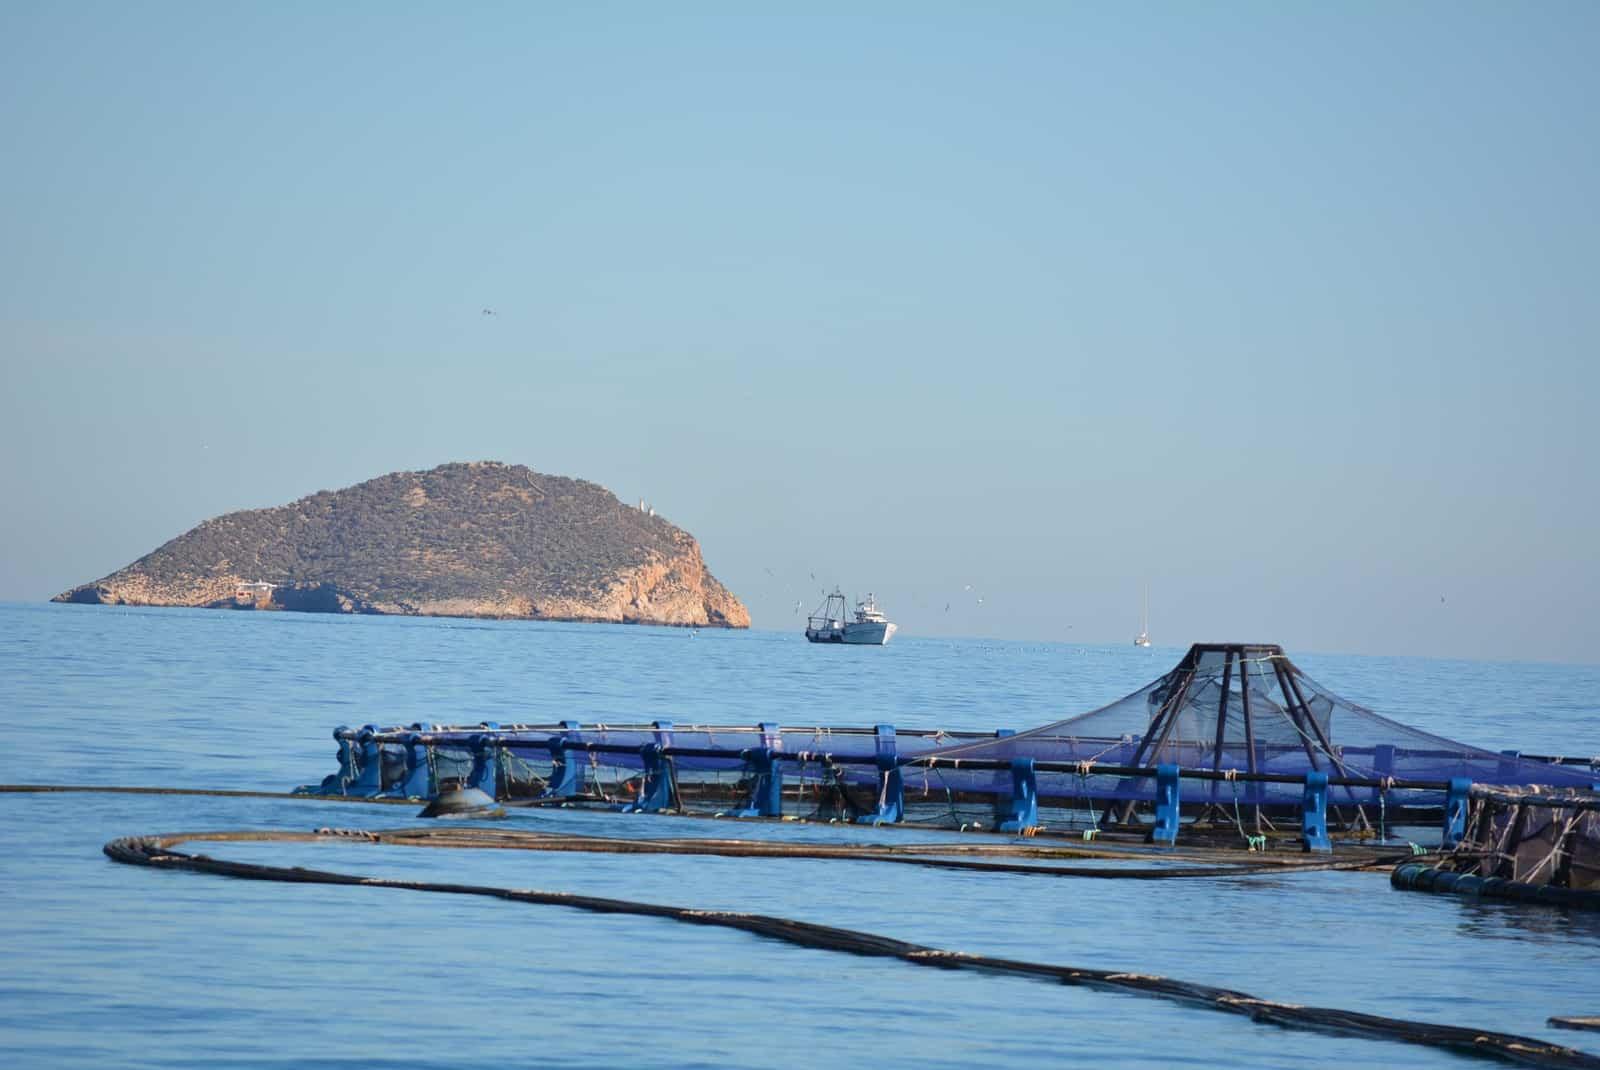 1424181606_La isla de Benidorm desde la piscifactoría de Villajoyosa